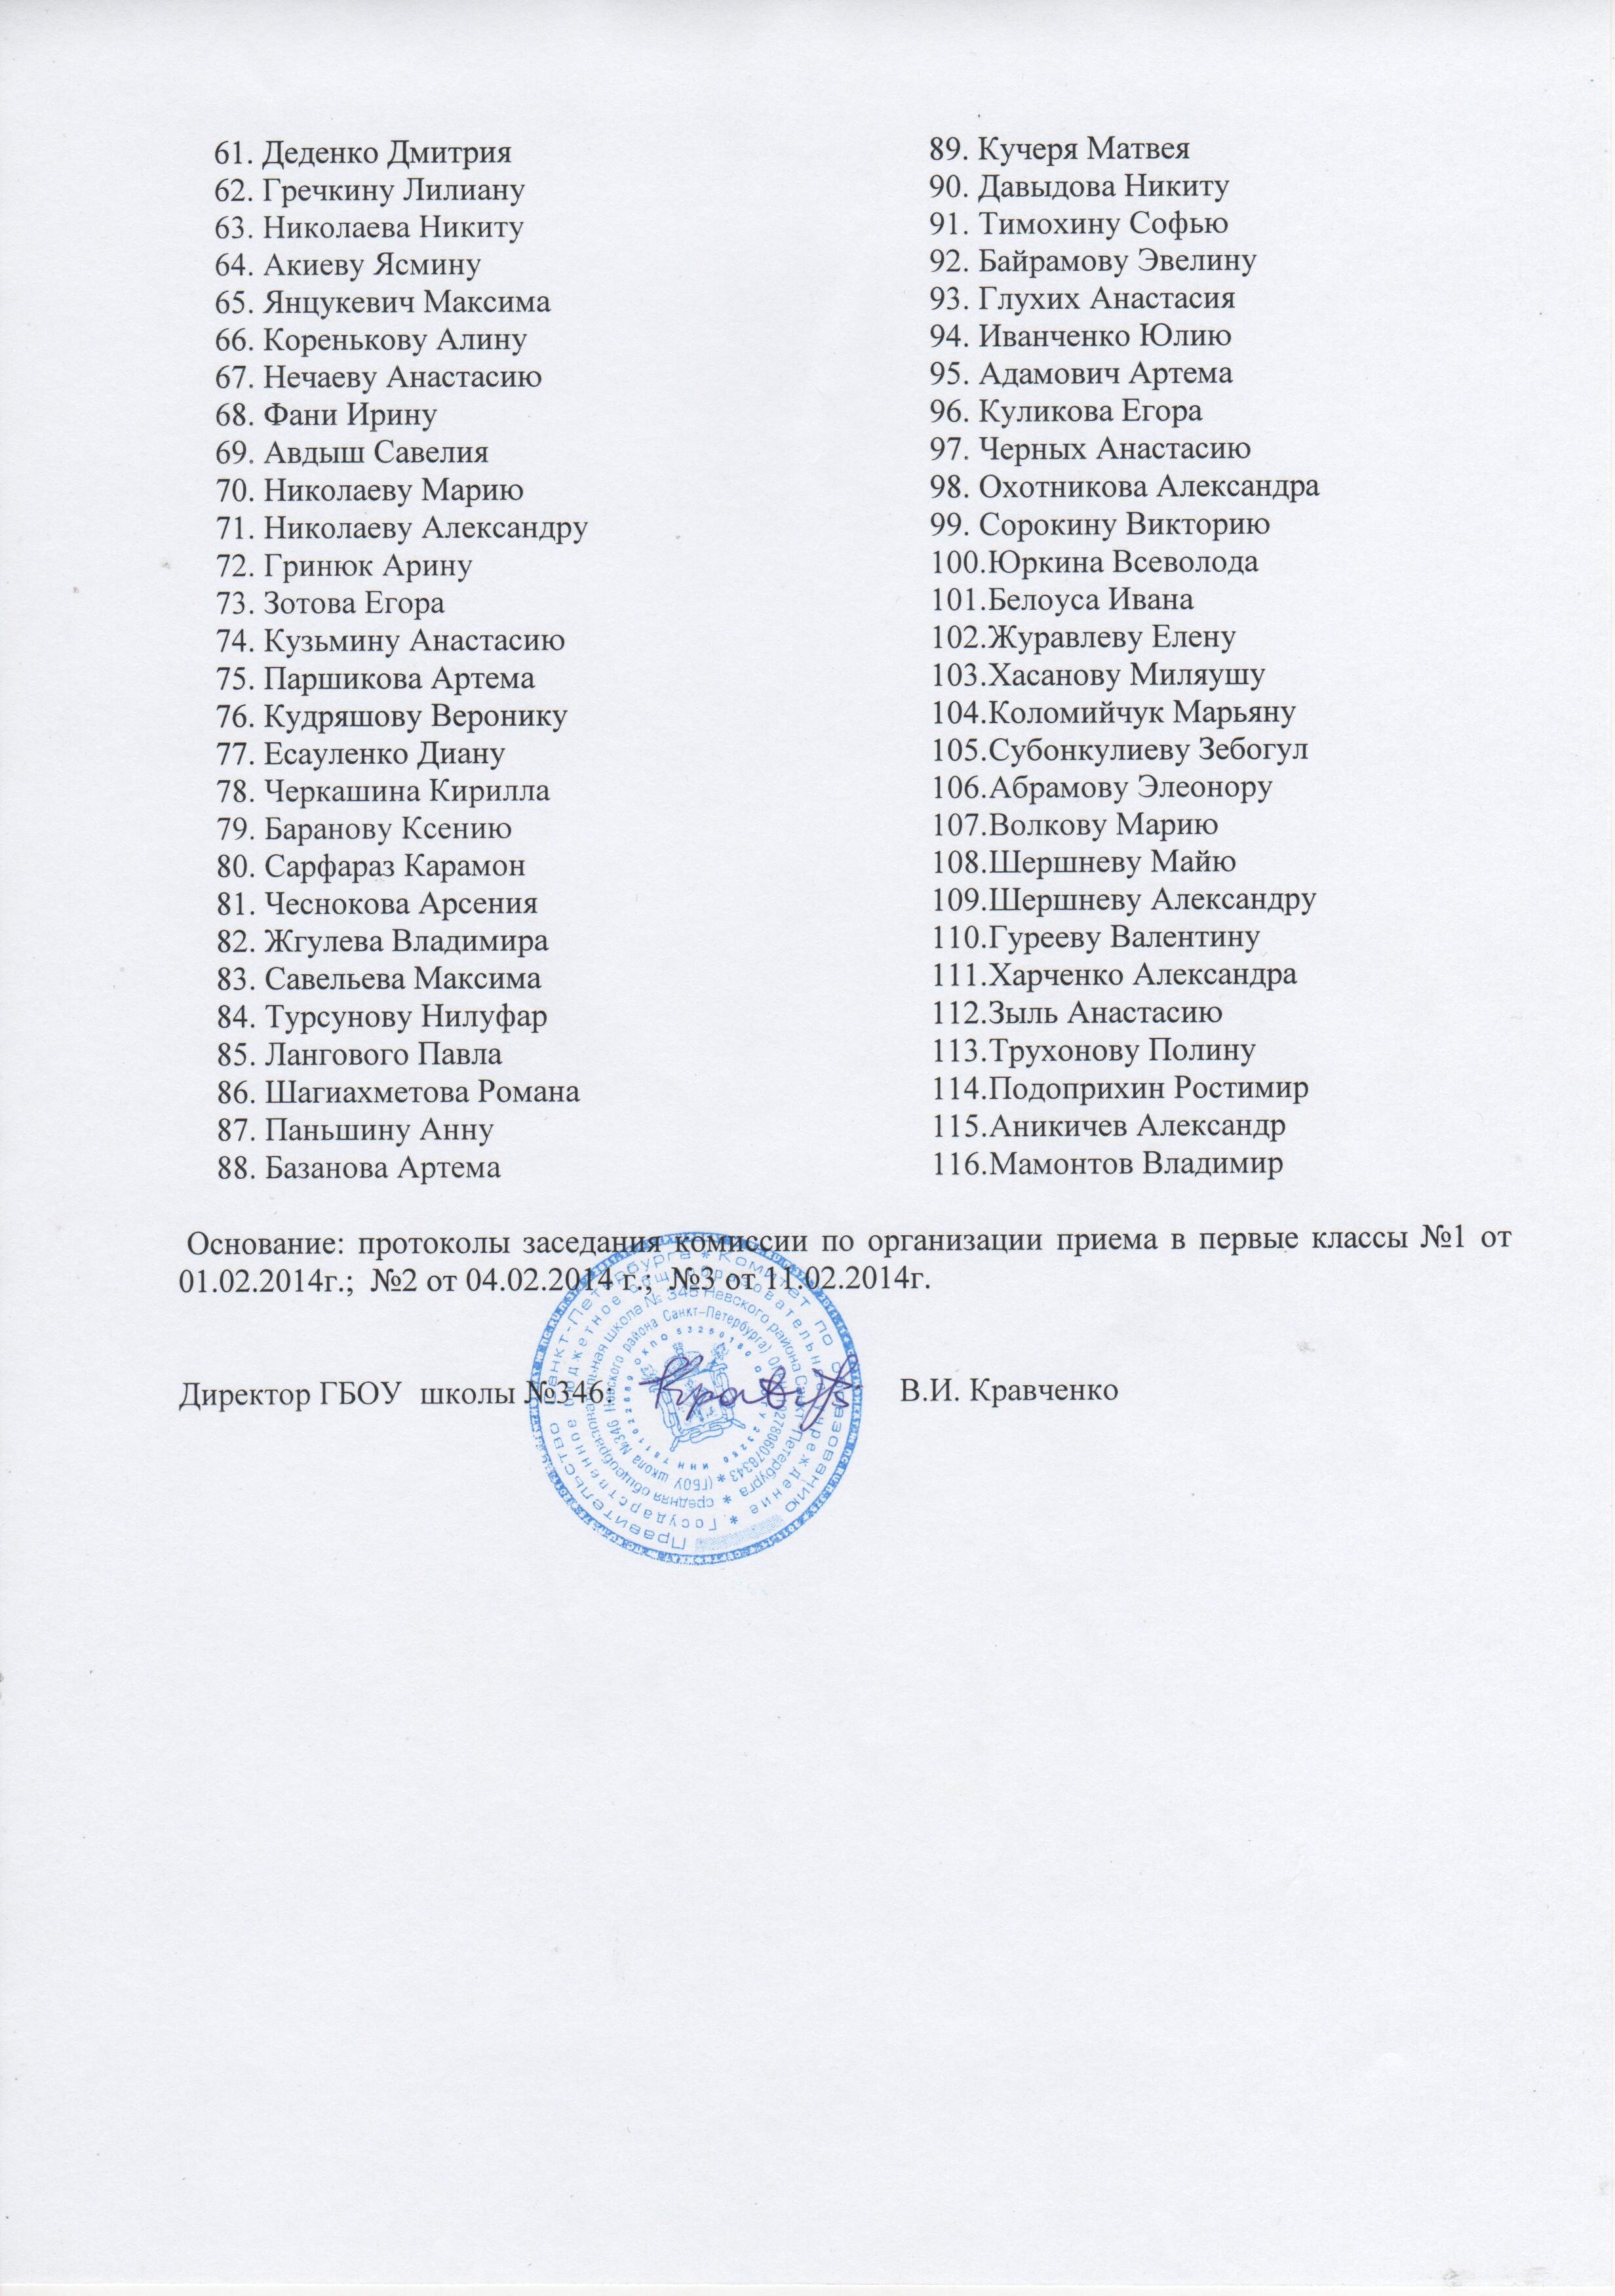 Официальный сайт школы №339, санкт-петербург.